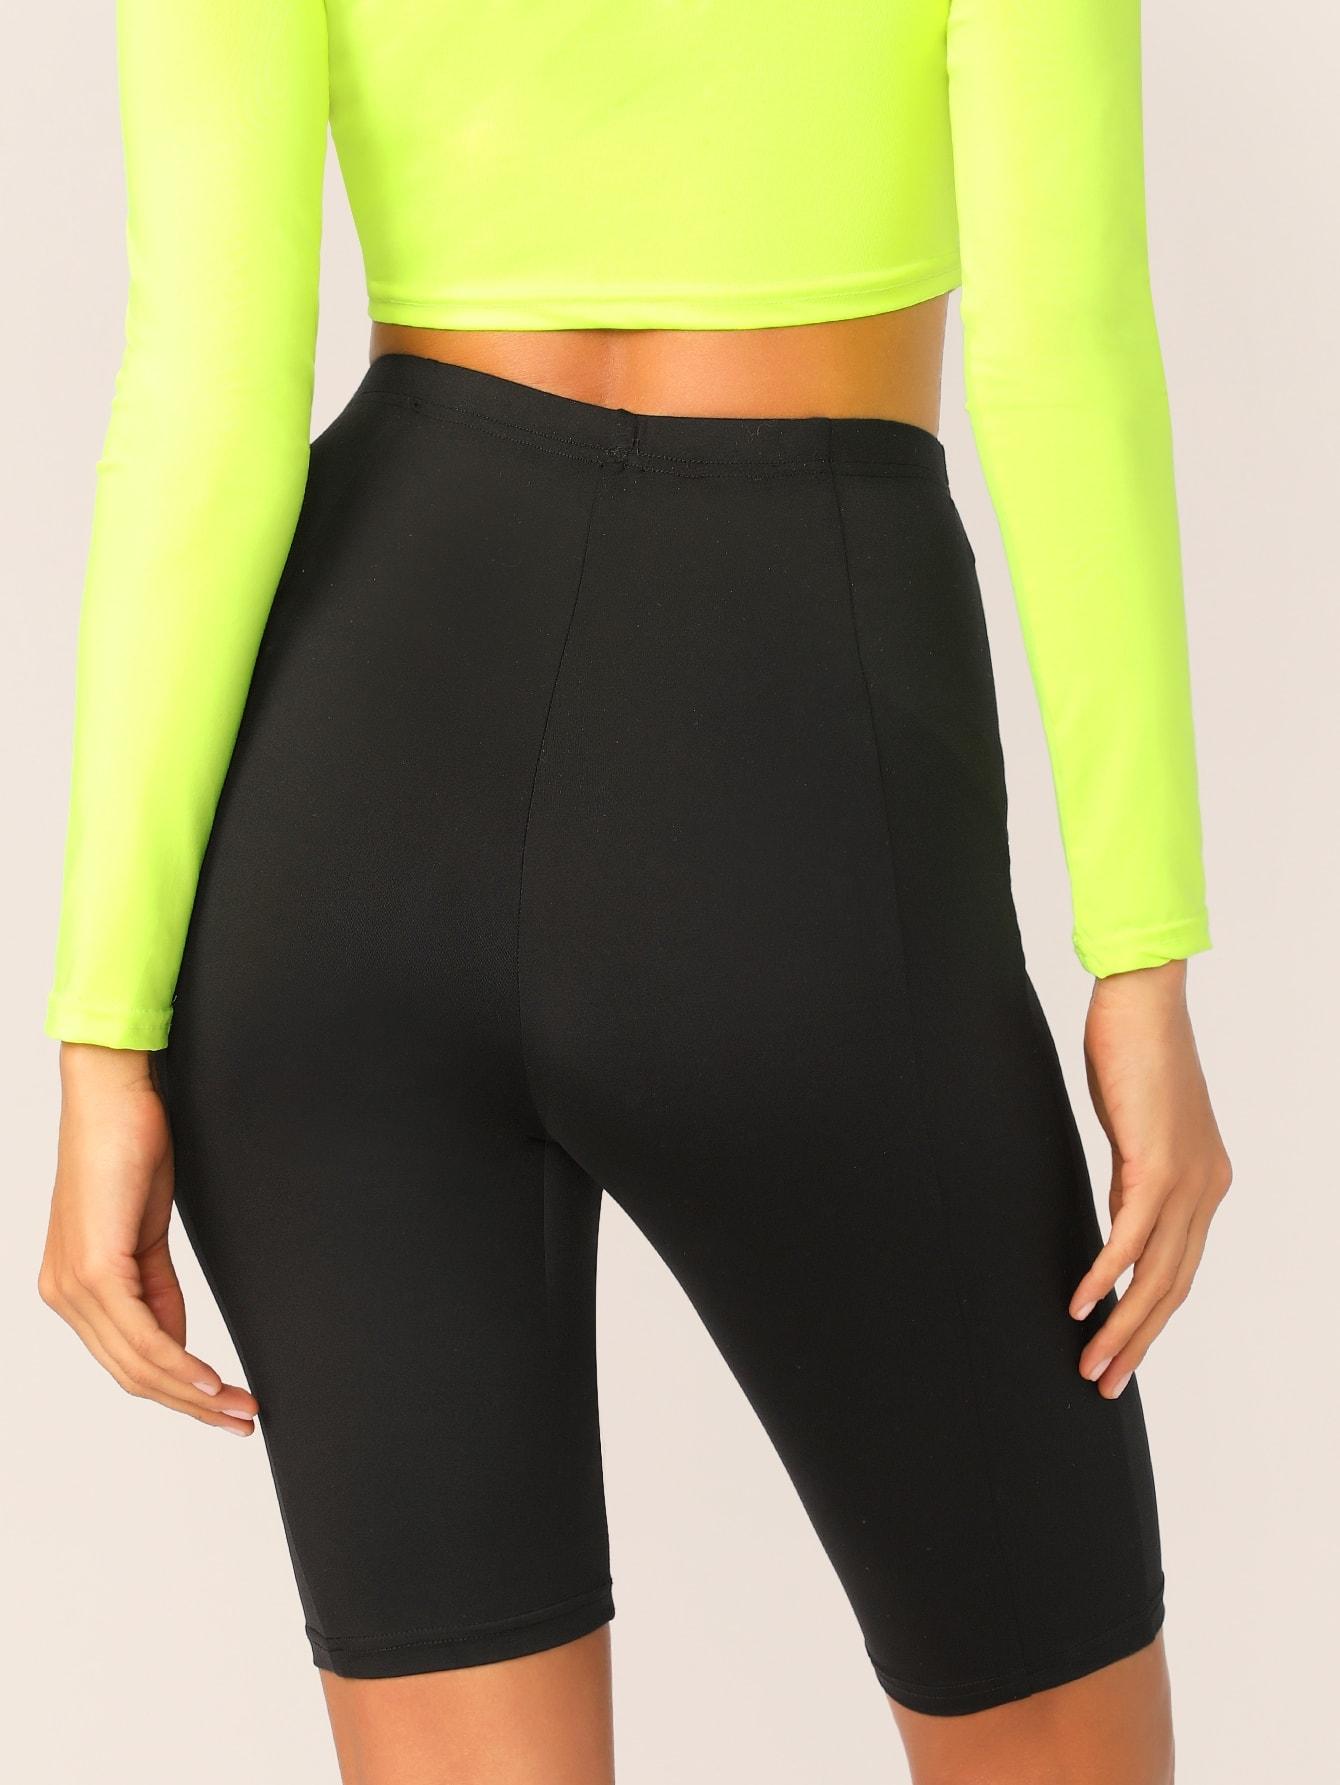 SHEIN / Shorts circulares sólidos de cintura alta